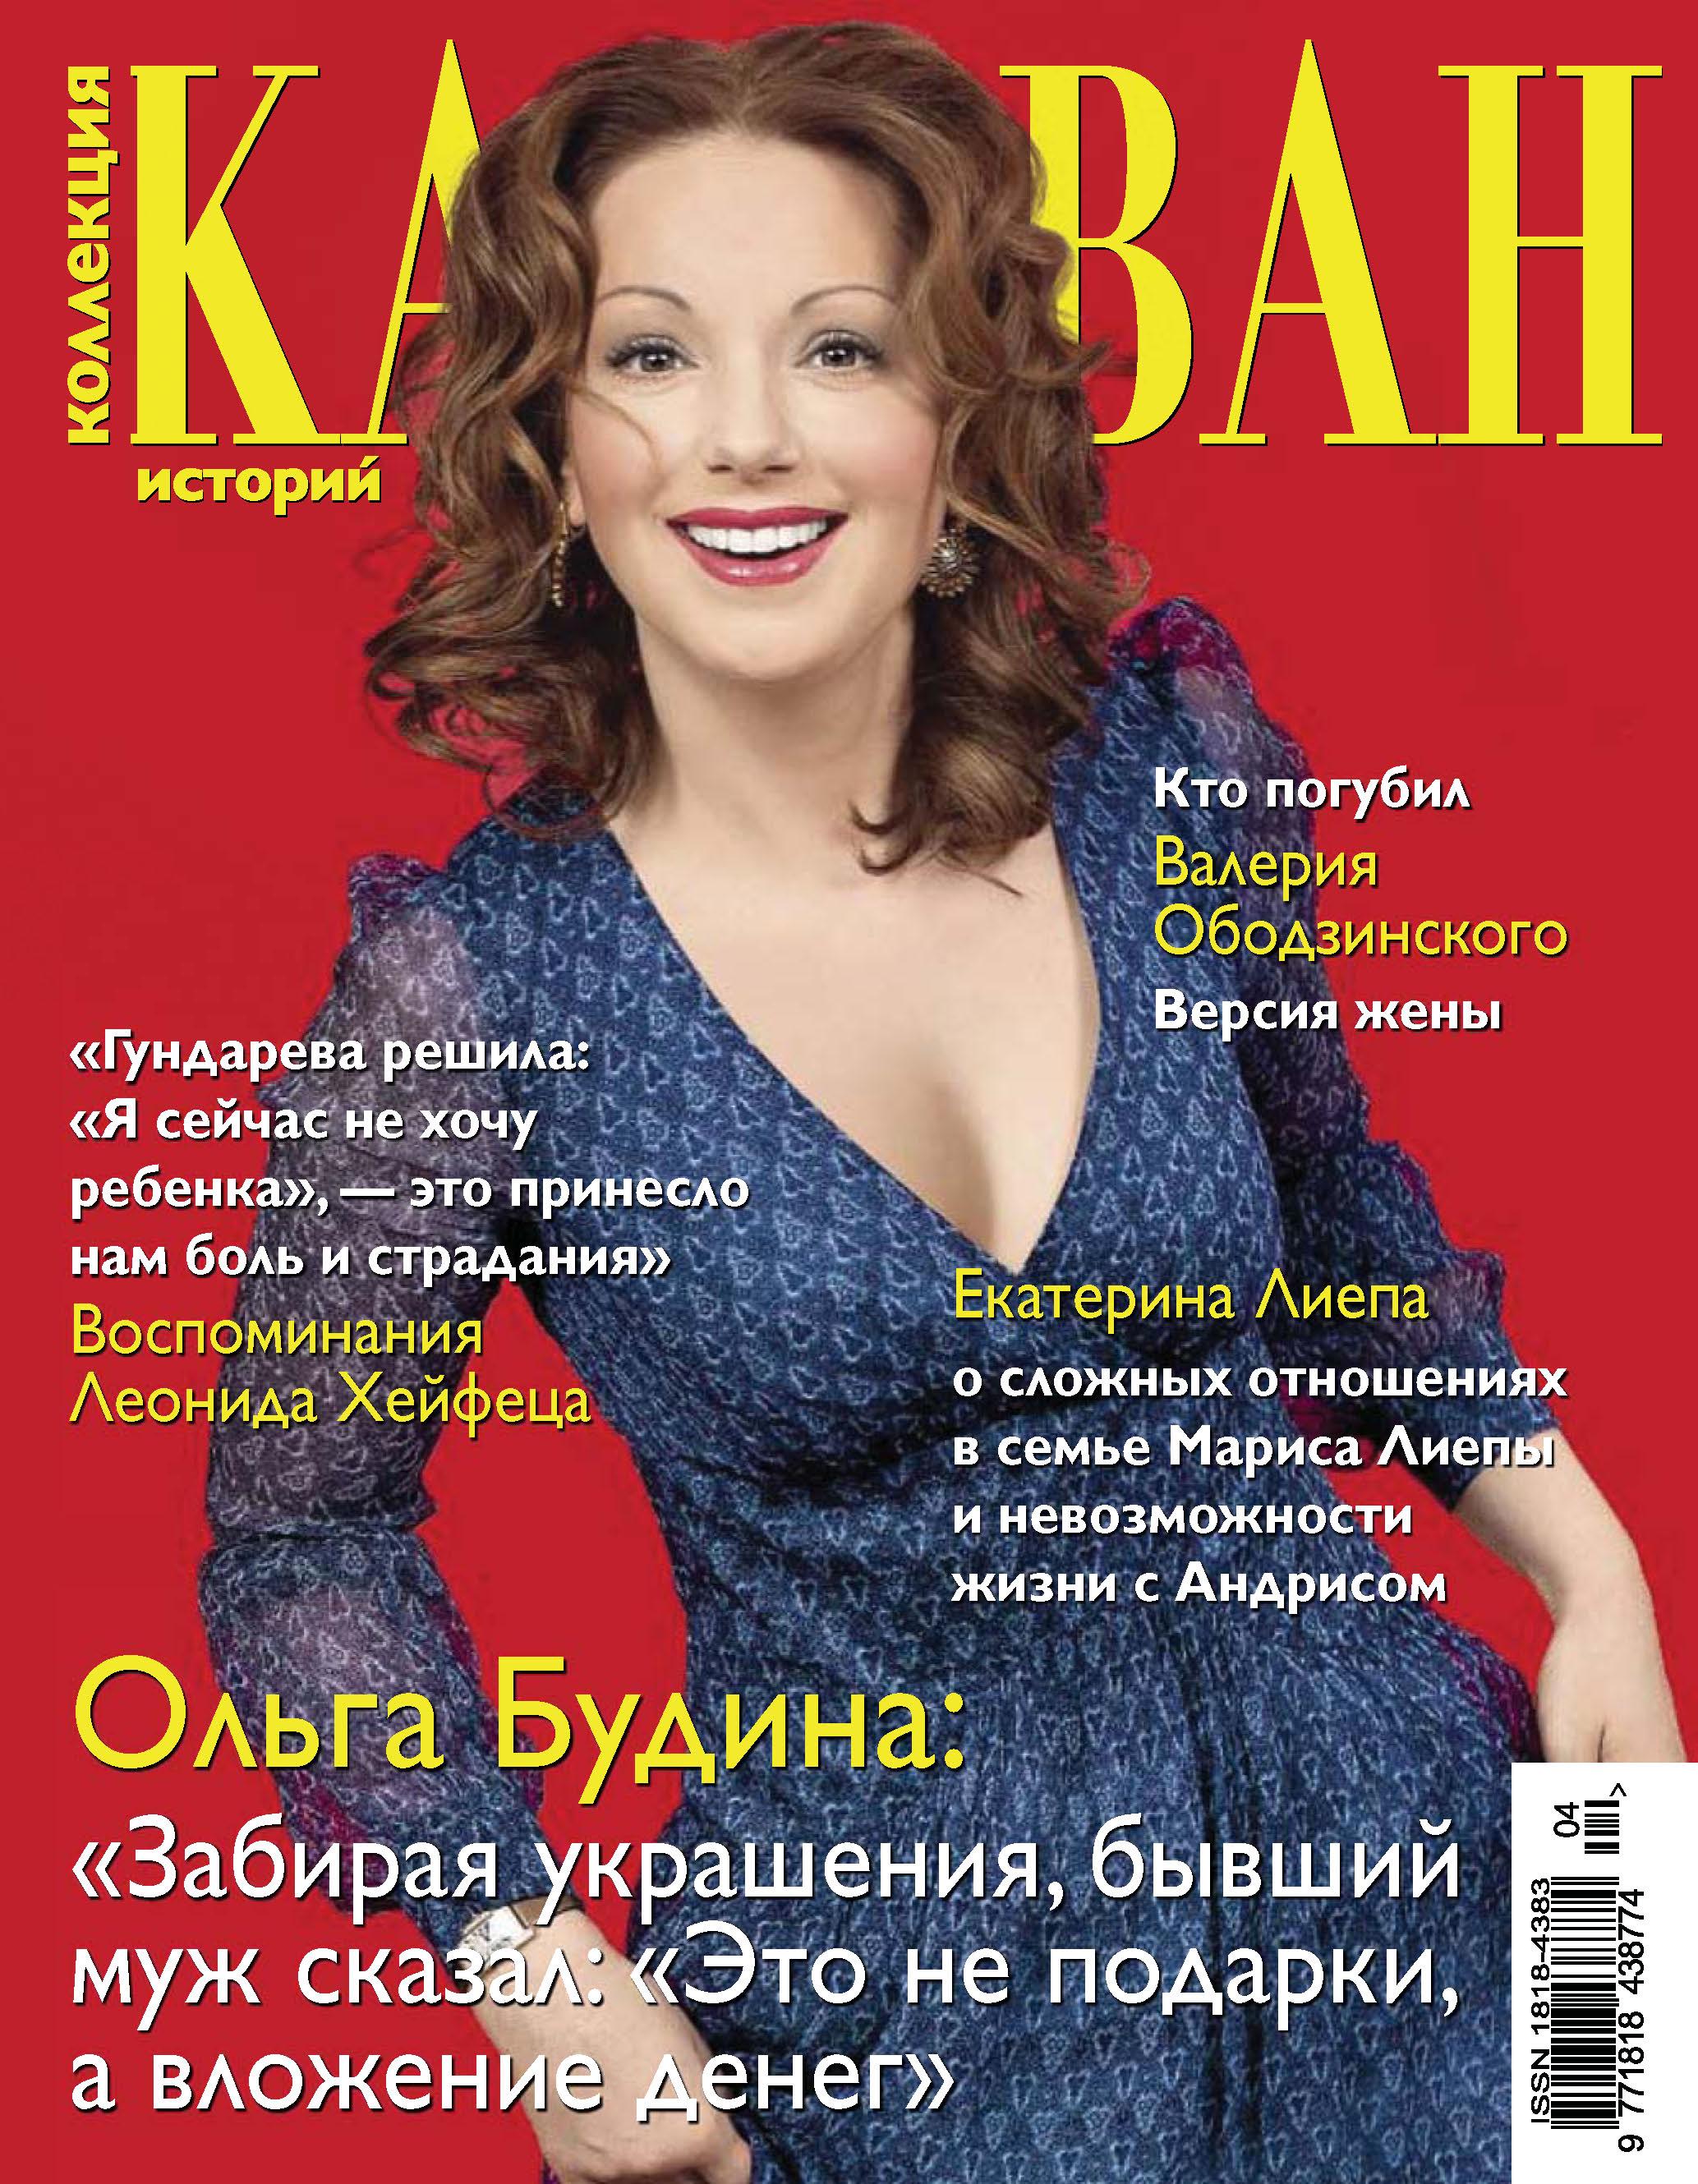 цена на Отсутствует Коллекция Караван историй №04 / апрель 2013